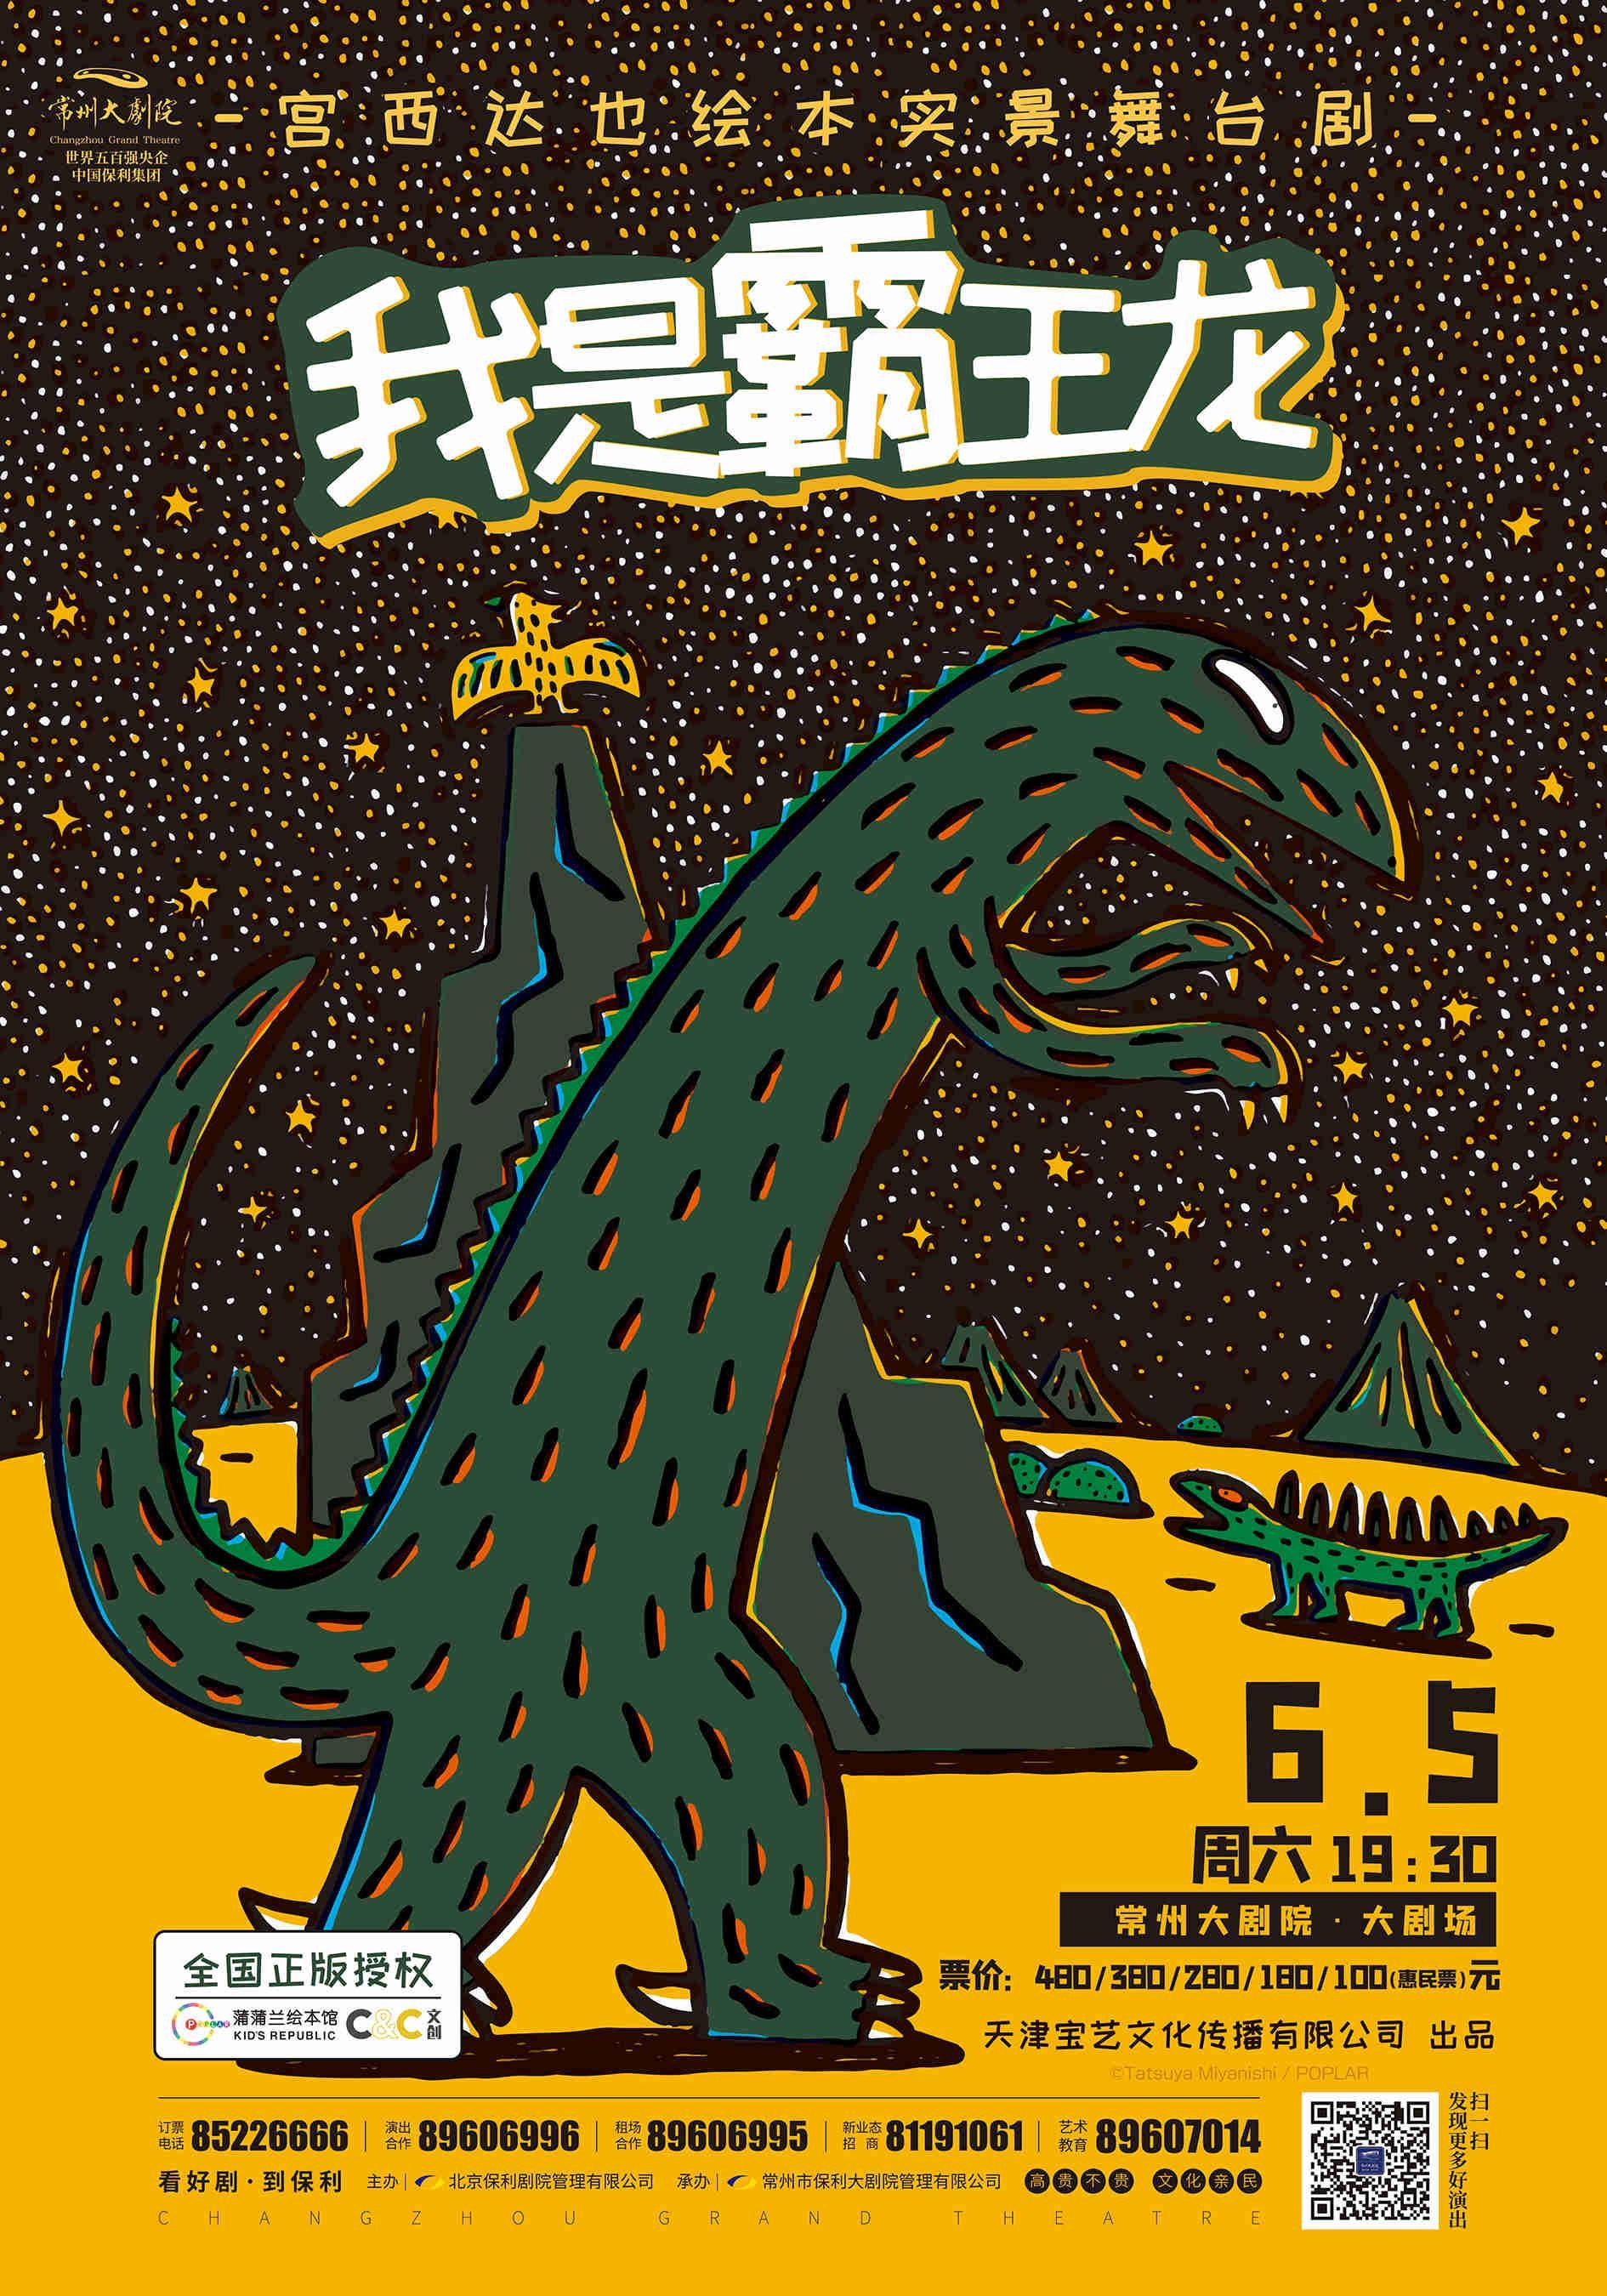 【常州站】宫西达也正版授权•儿童剧《我是霸王龙》